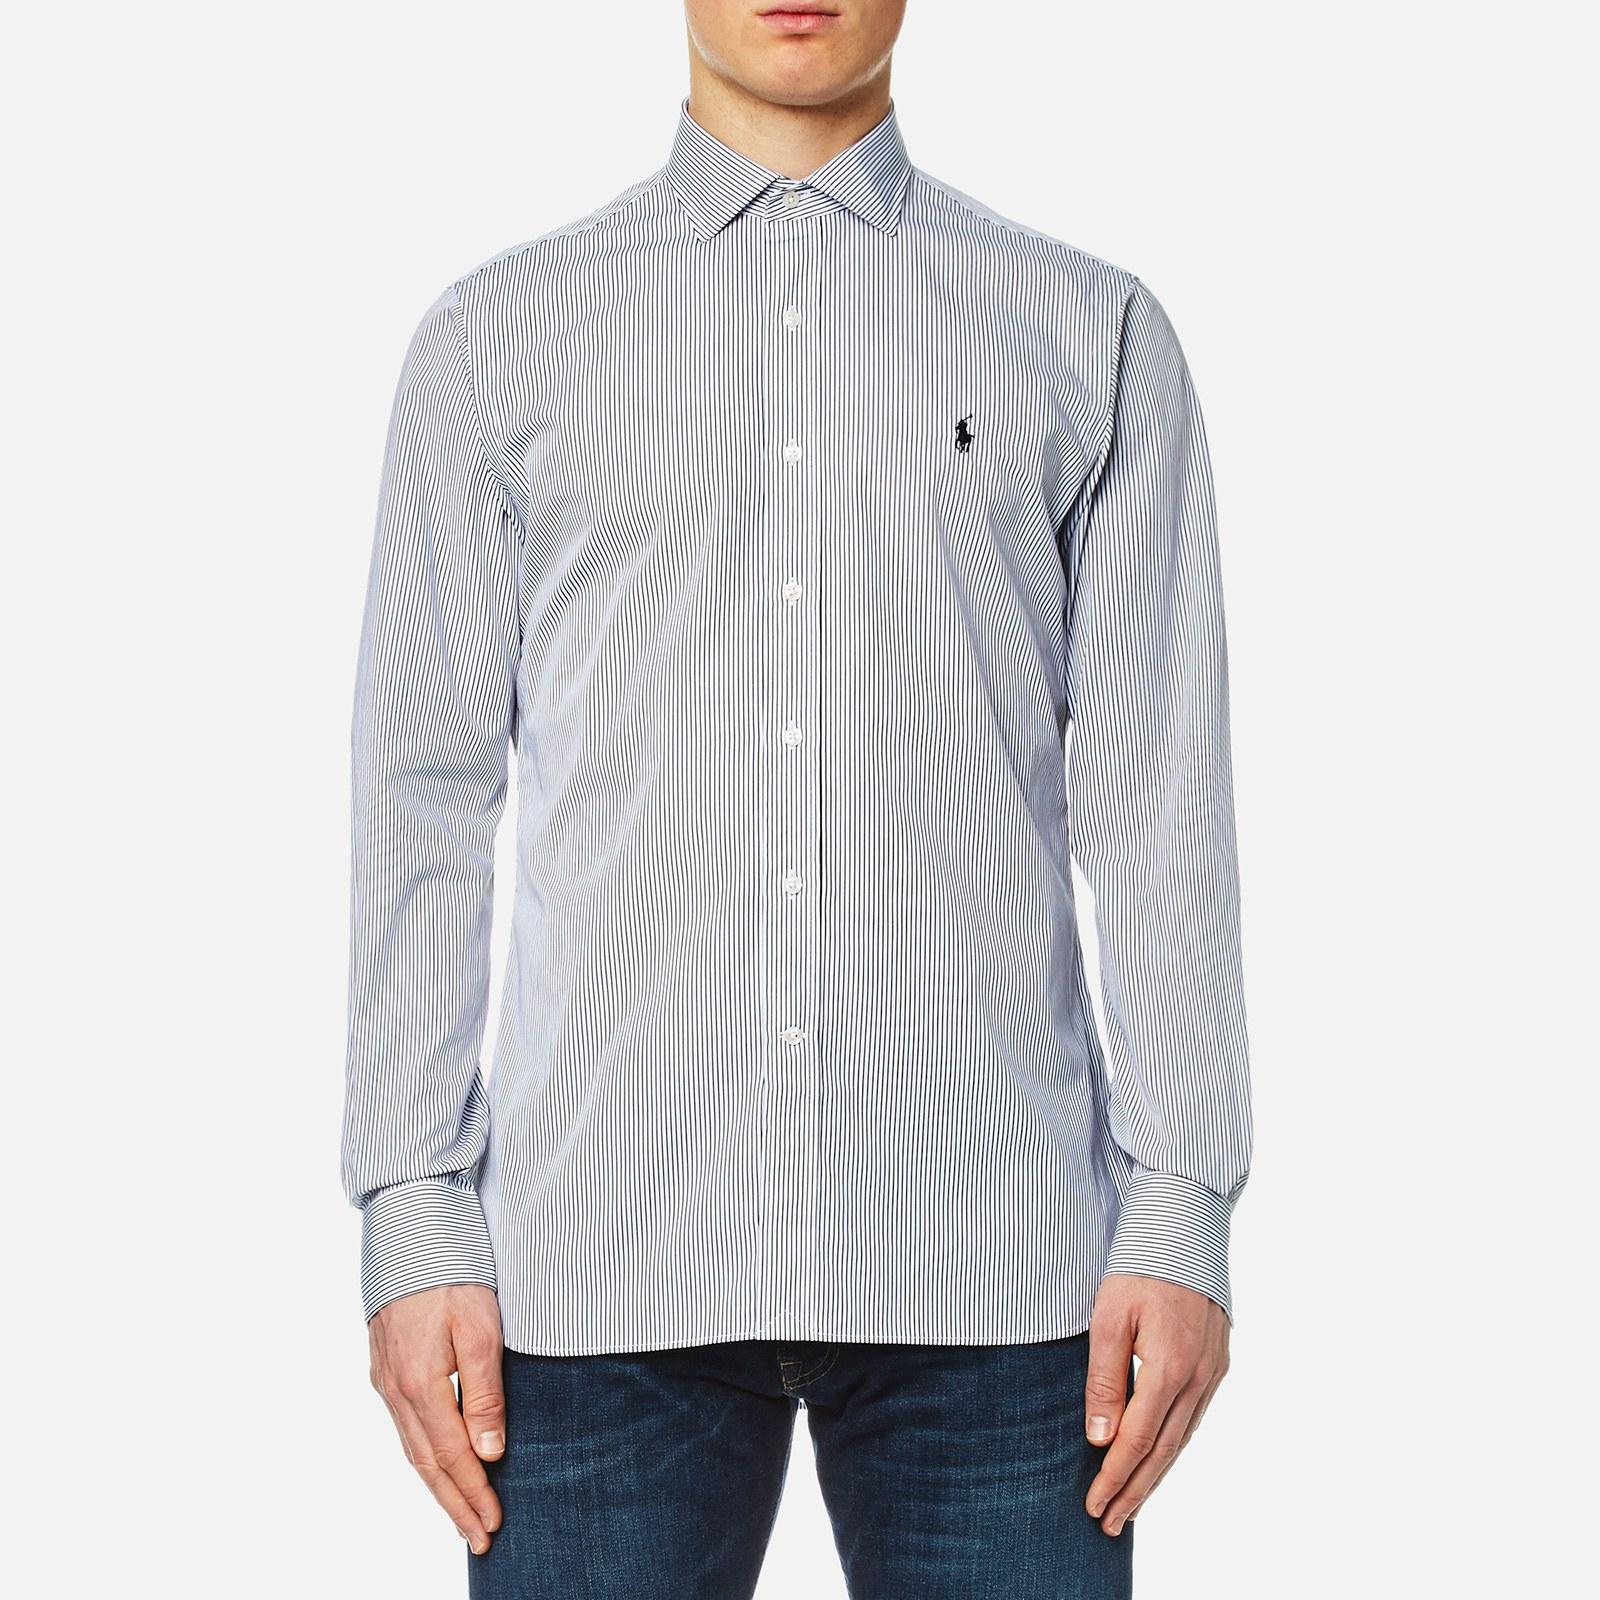 e5109be2 Polo Ralph Lauren Men's Poplin Shirt - White/Black Stripe - Free UK  Delivery over £50